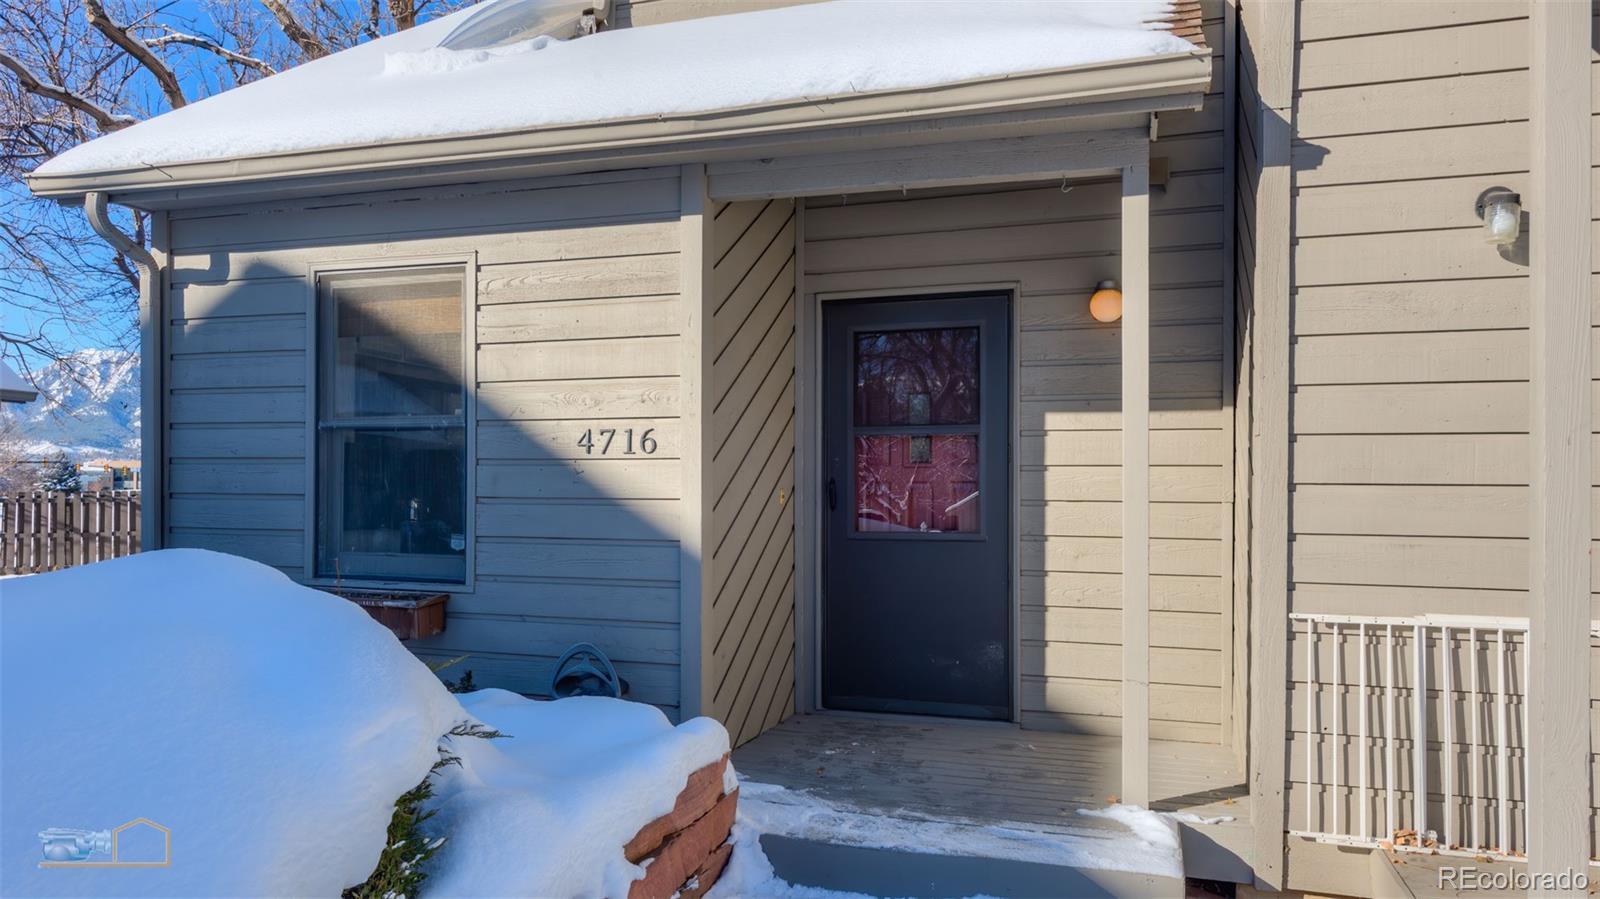 MLS# 5289239 - 2 - 4716 Edison Lane, Boulder, CO 80301